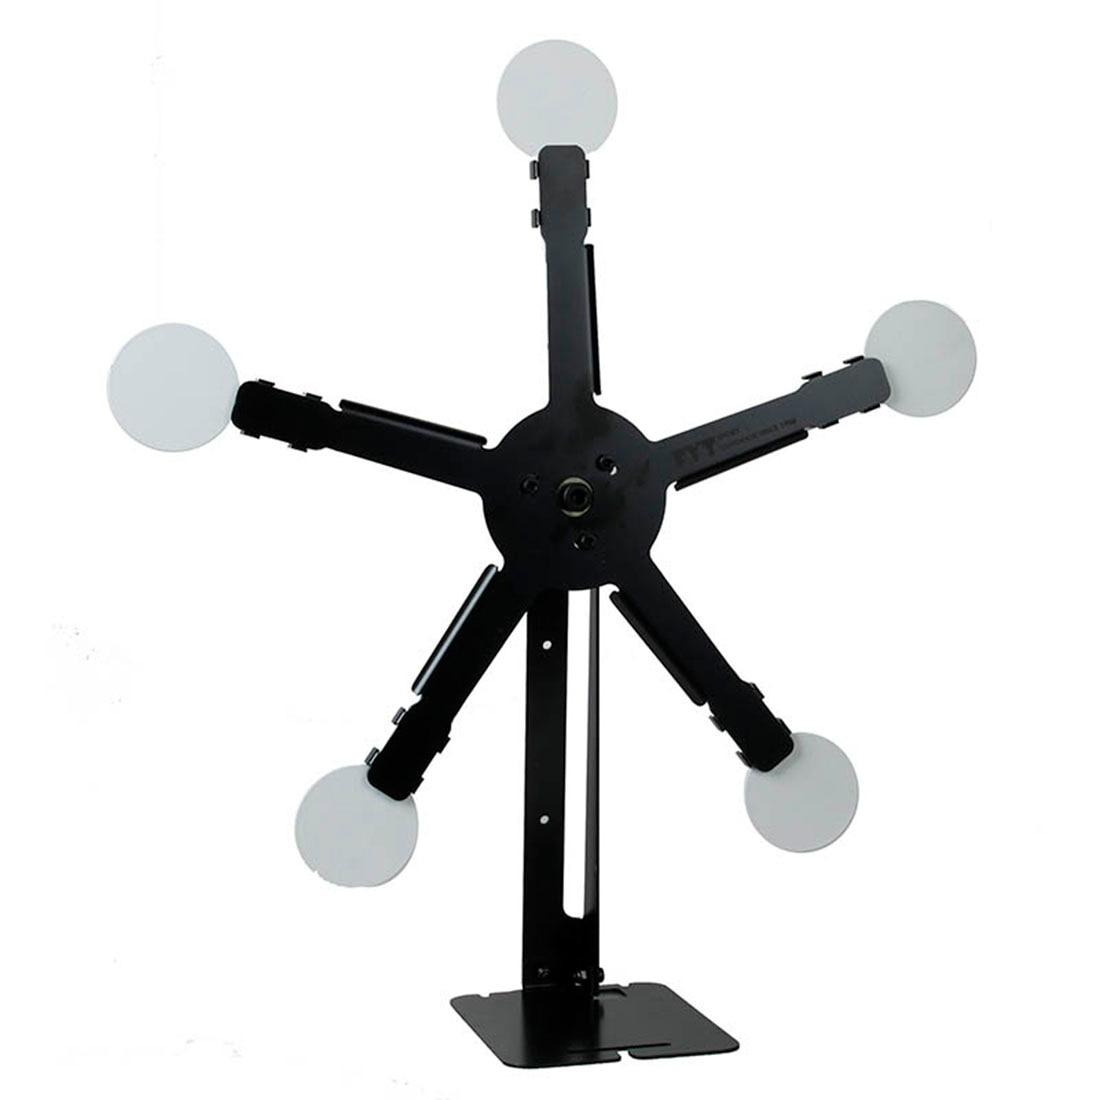 Rotating Target Metal Round Target For Foam Darts Water Gel Beads Training